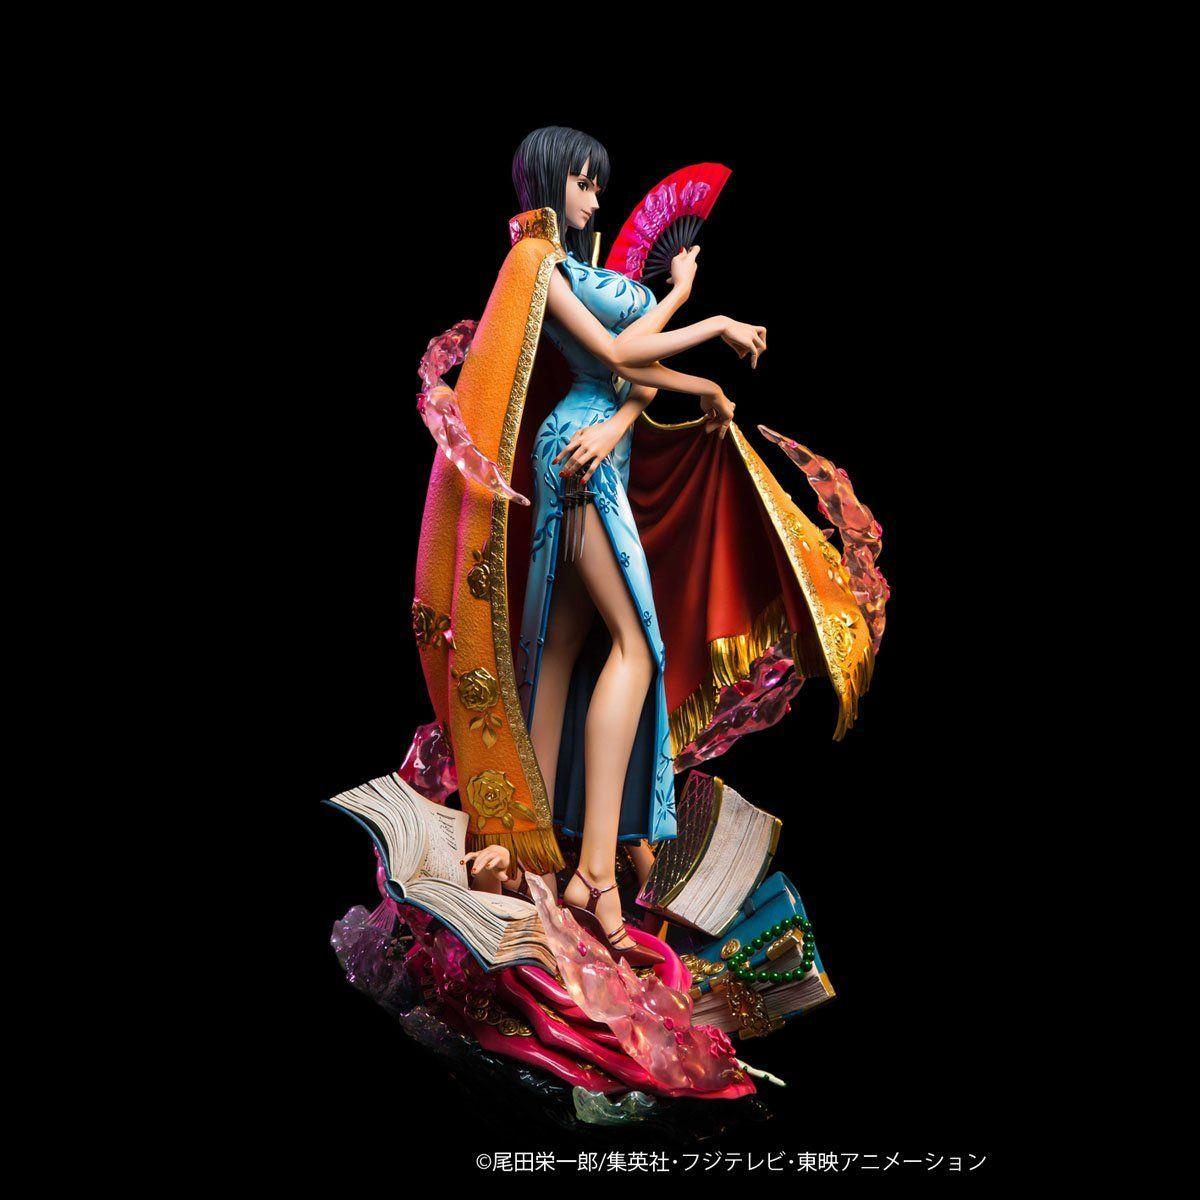 ワンピース ログコレクション 大型スタチューシリーズ『ニコ・ロビン』完成品フィギュア-005